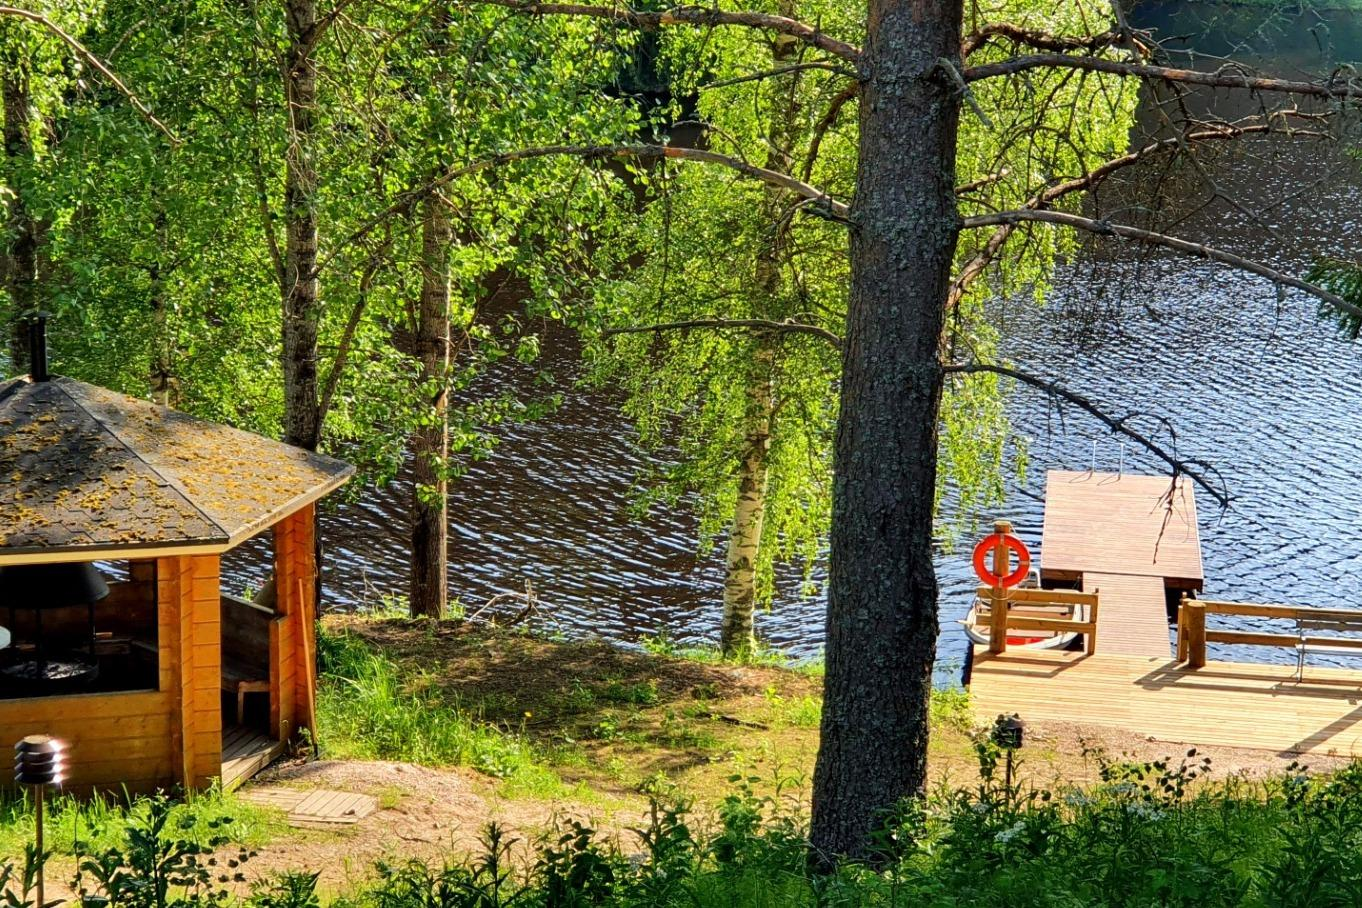 Kesäisessä kuvassa grillikatos sekä laituri järven rannalla.